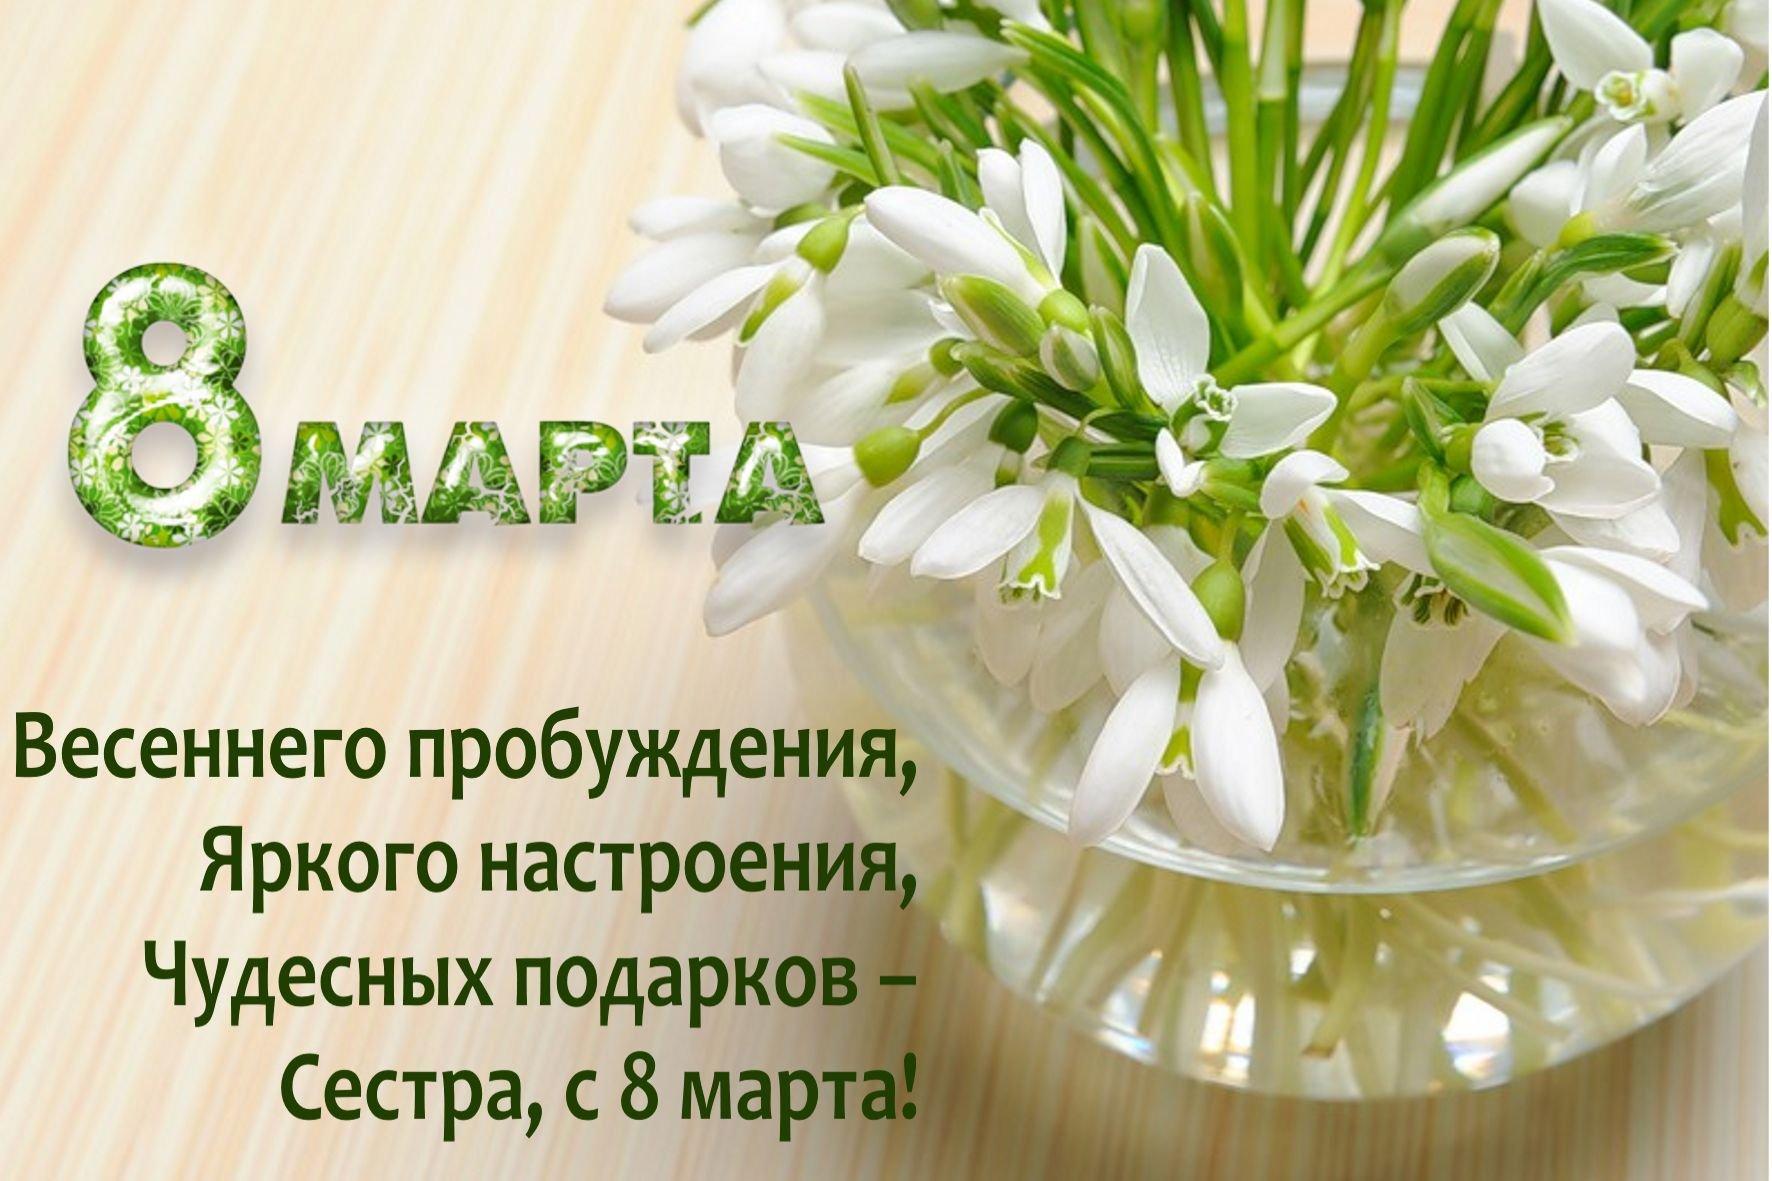 Поздравления с днем 8 марта картинки с надписями, папе рождением дочки